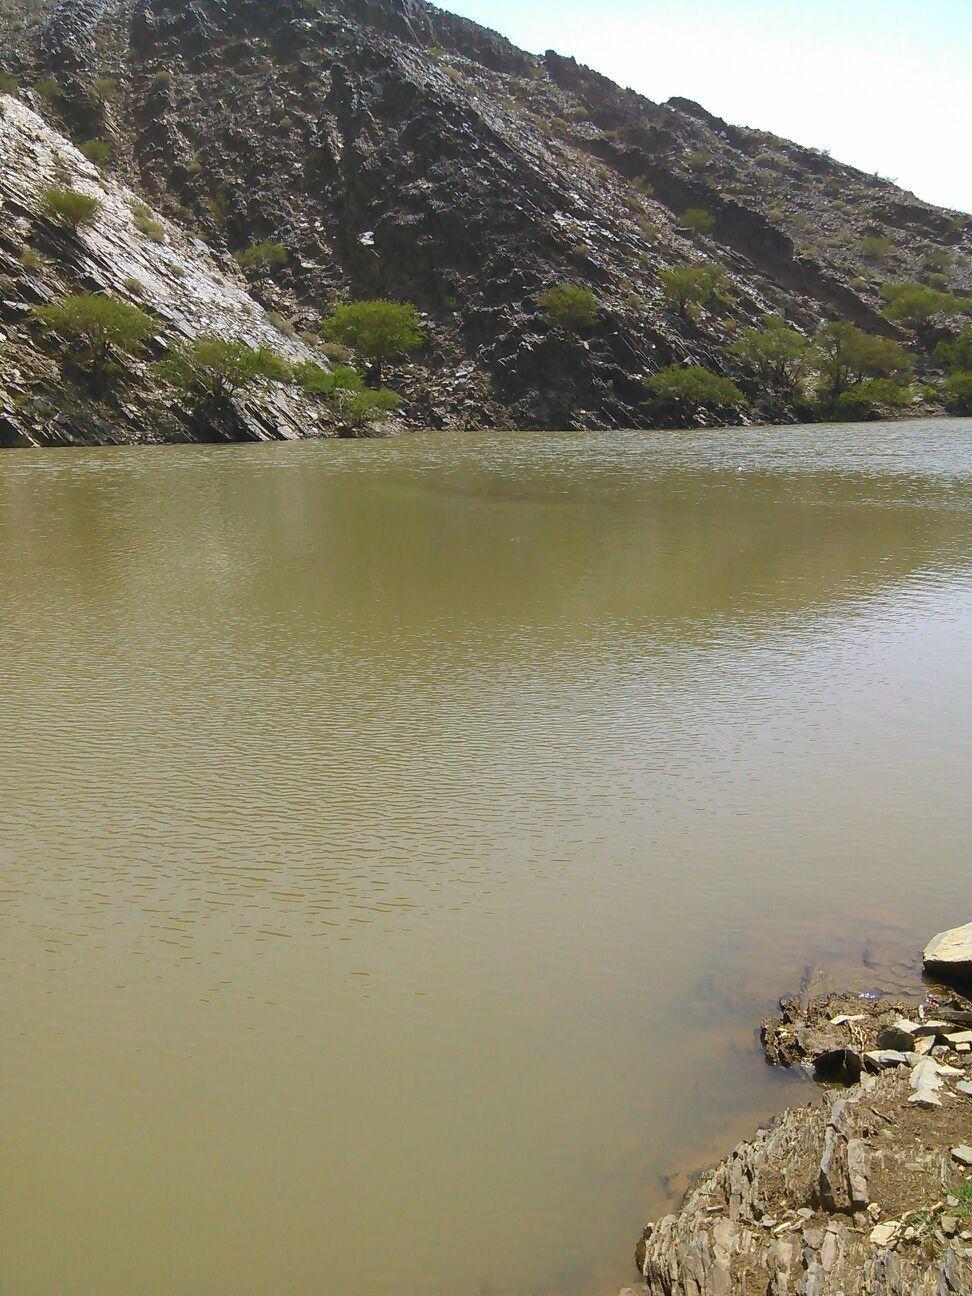 حاجز مياه ينقذ الأرواح ويحل مشكلة الجفاف في صحراء الجوف